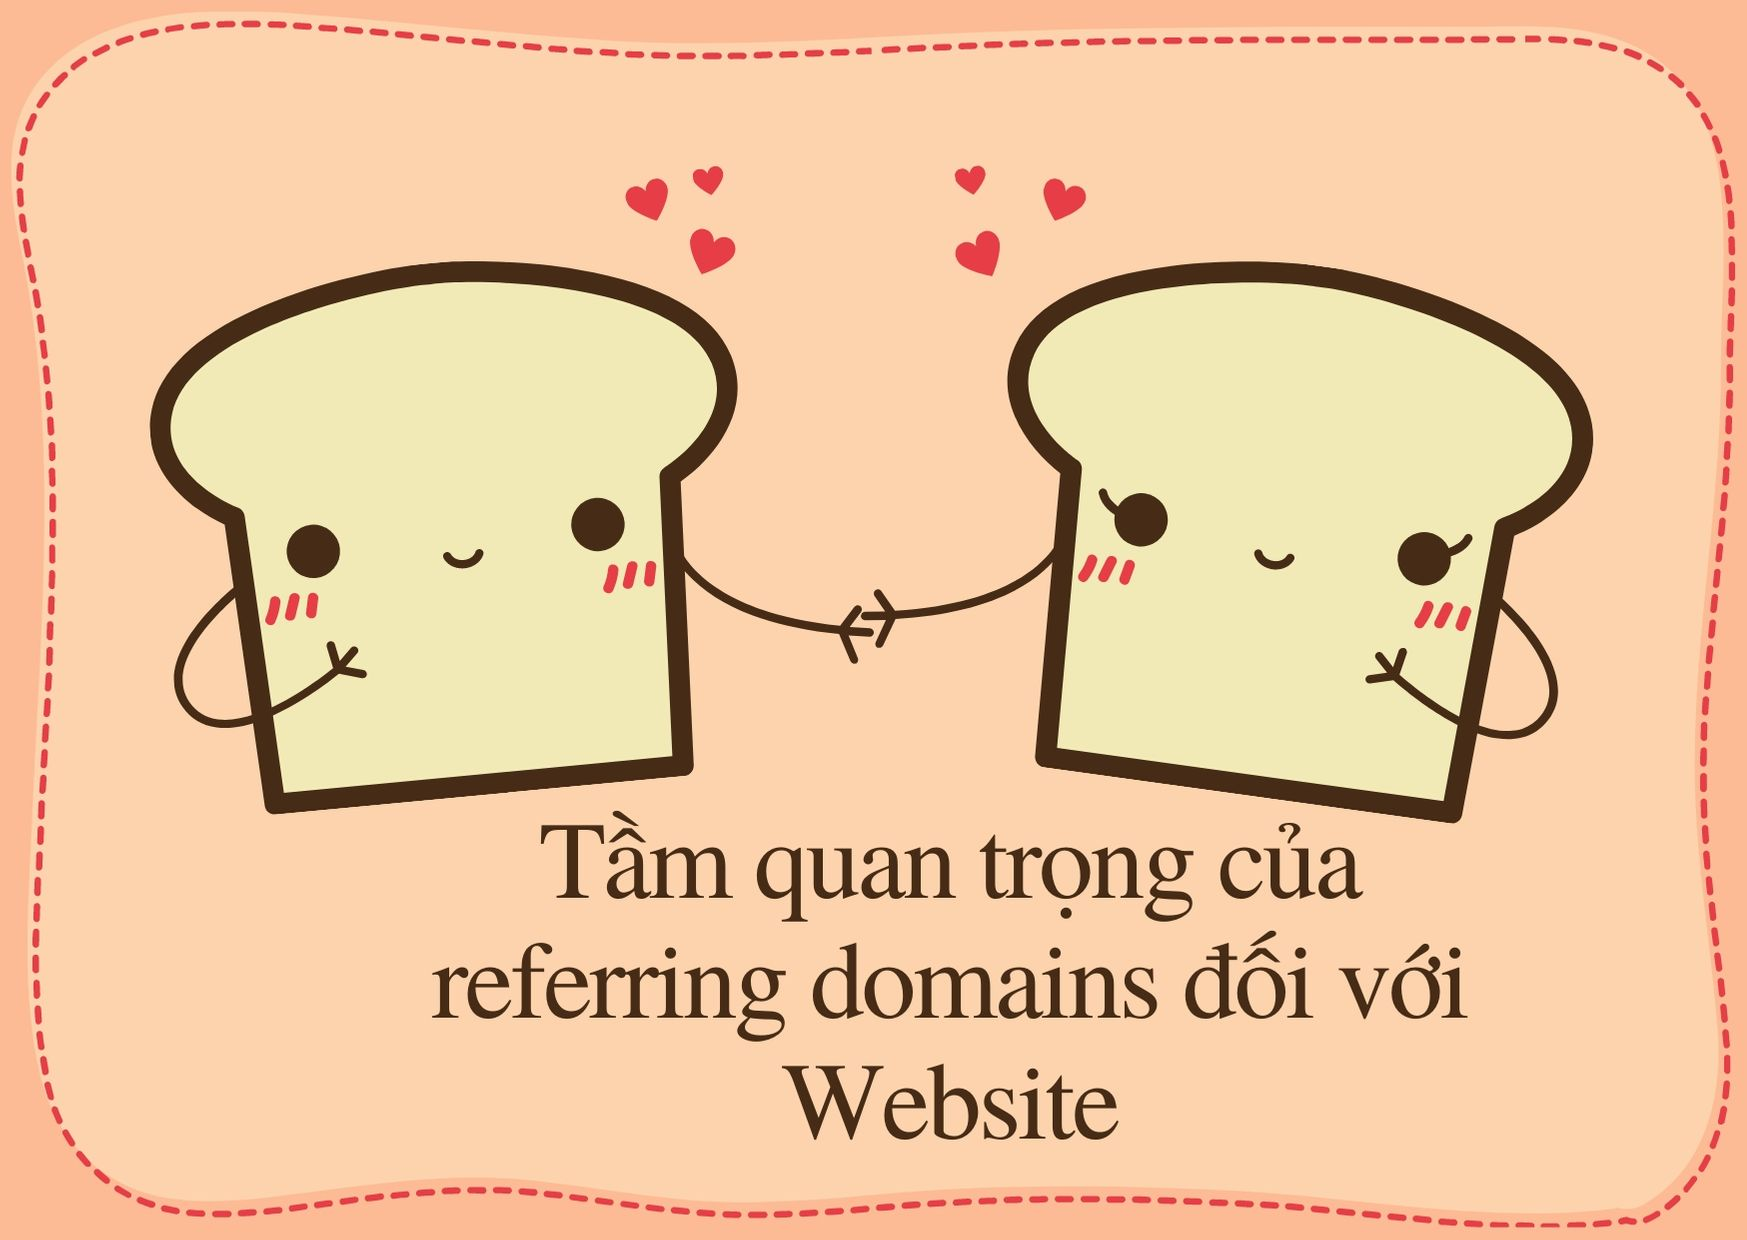 Vai trò quan trọng của referring domains đối với website